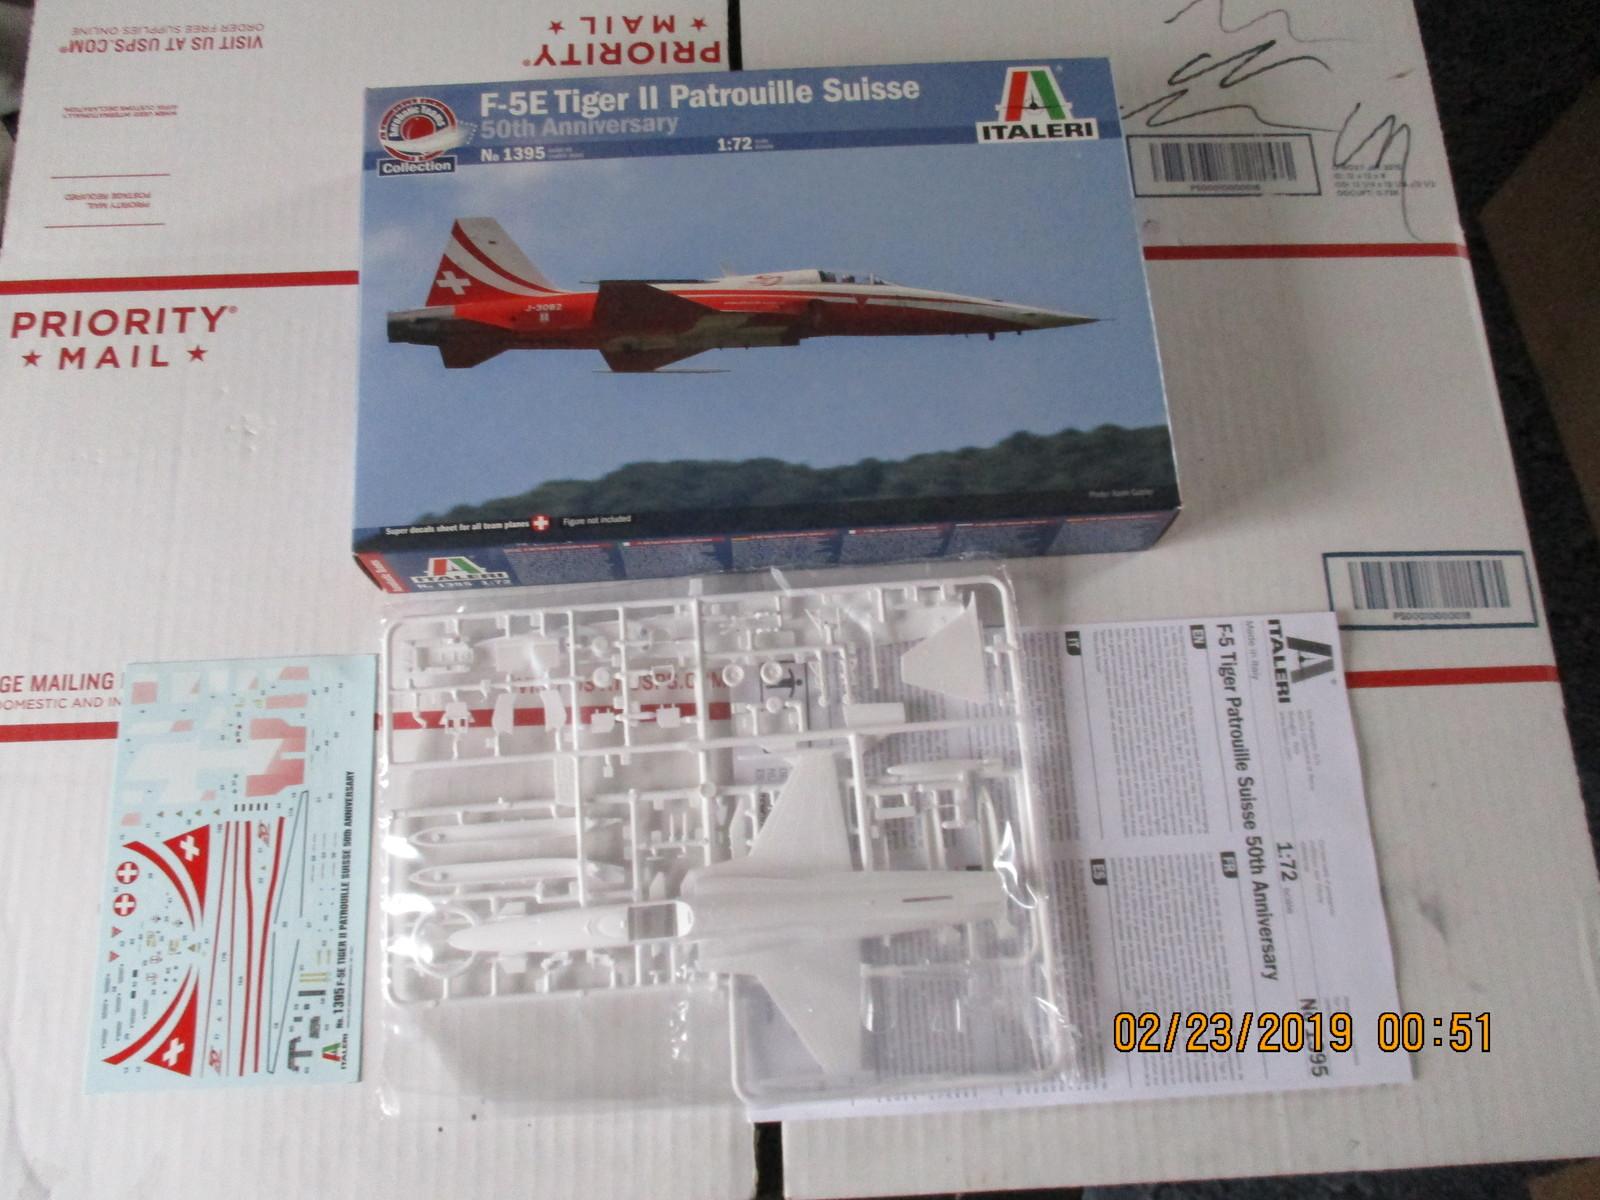 Italeri F-5 Tiger Patrouille Suisse 1/72 scale